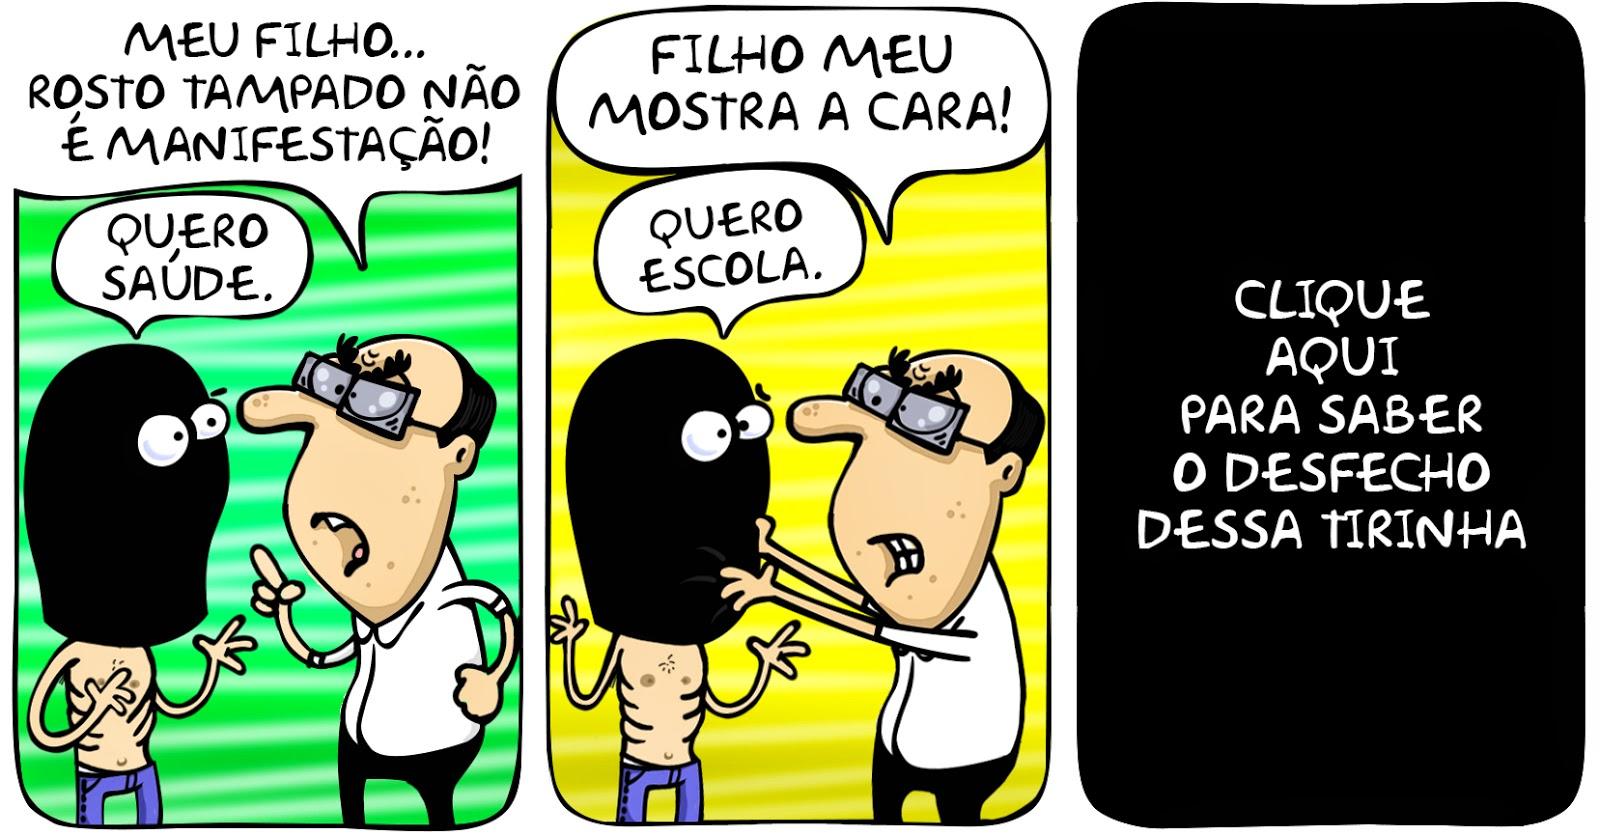 http://noticias.uol.com.br/album/2014/06/11/charges.htm#fotoNav=9